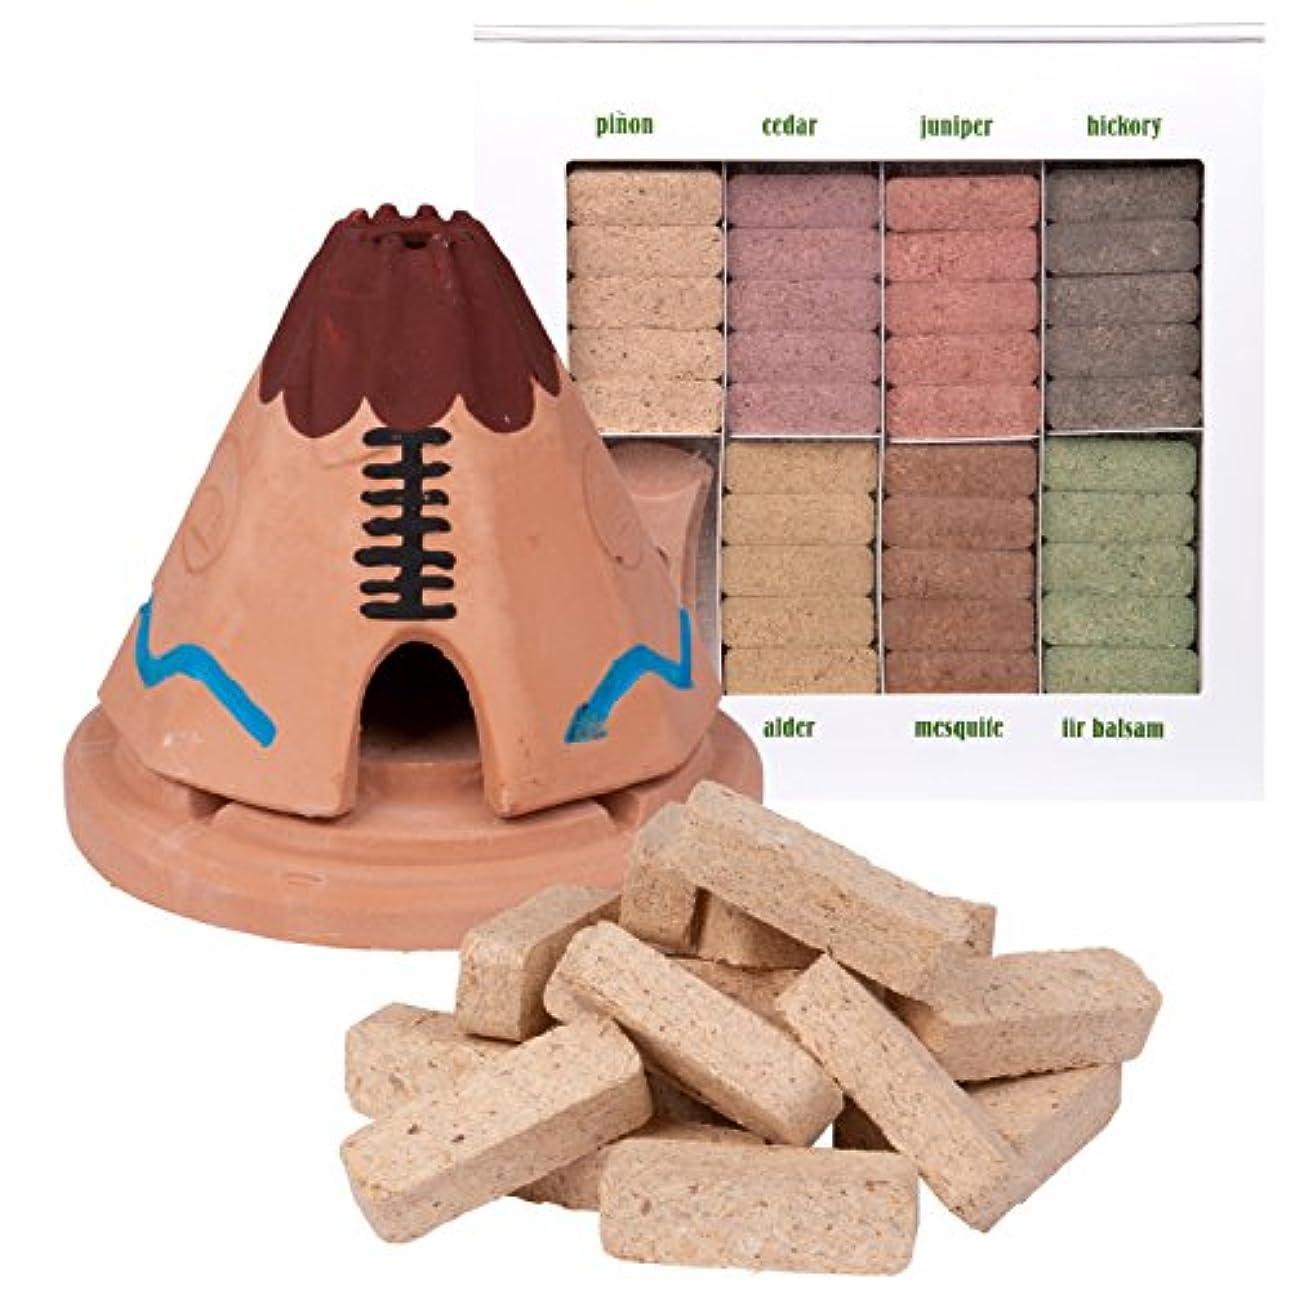 返還魂ご予約Incienso de Santa Fe Teepee Burner With松の天然木製お香と7香りSampler – Made in the US